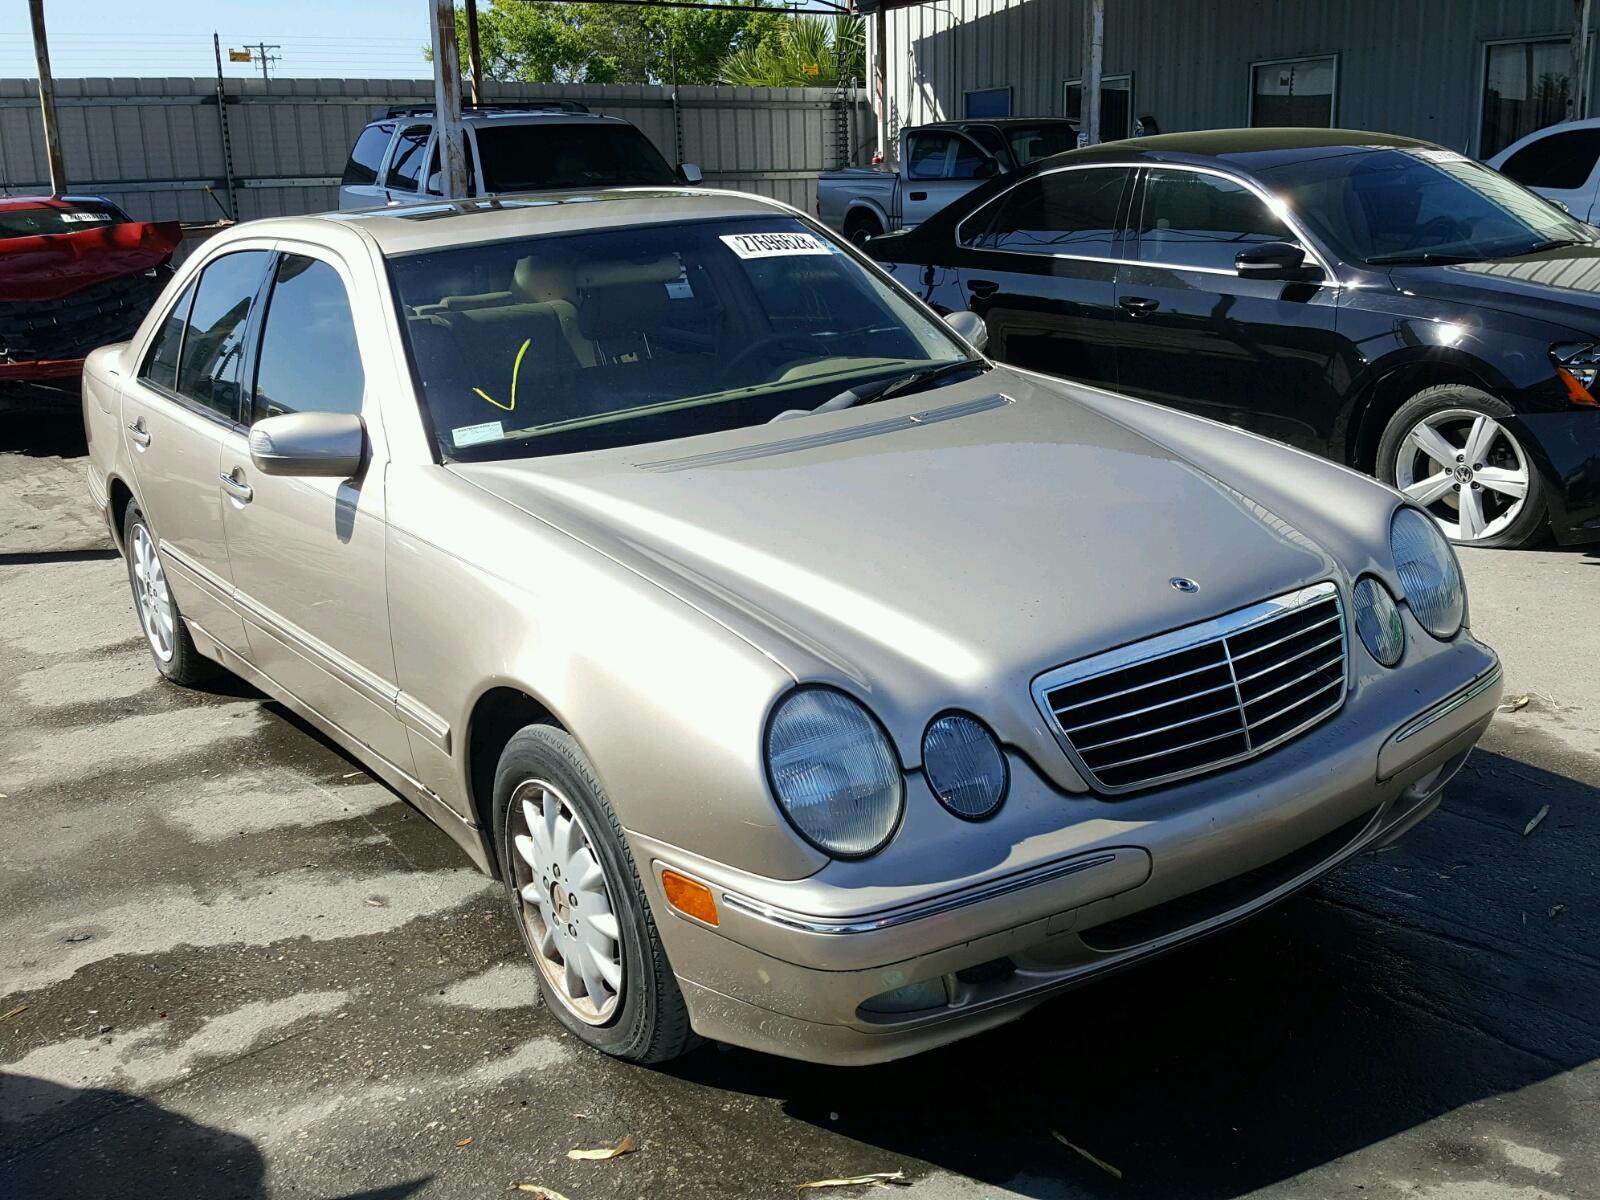 Auto Auction Ended On Vin Wddgf56x39r043051 2009 Mercedes Benz C350 2001 E 320 32l